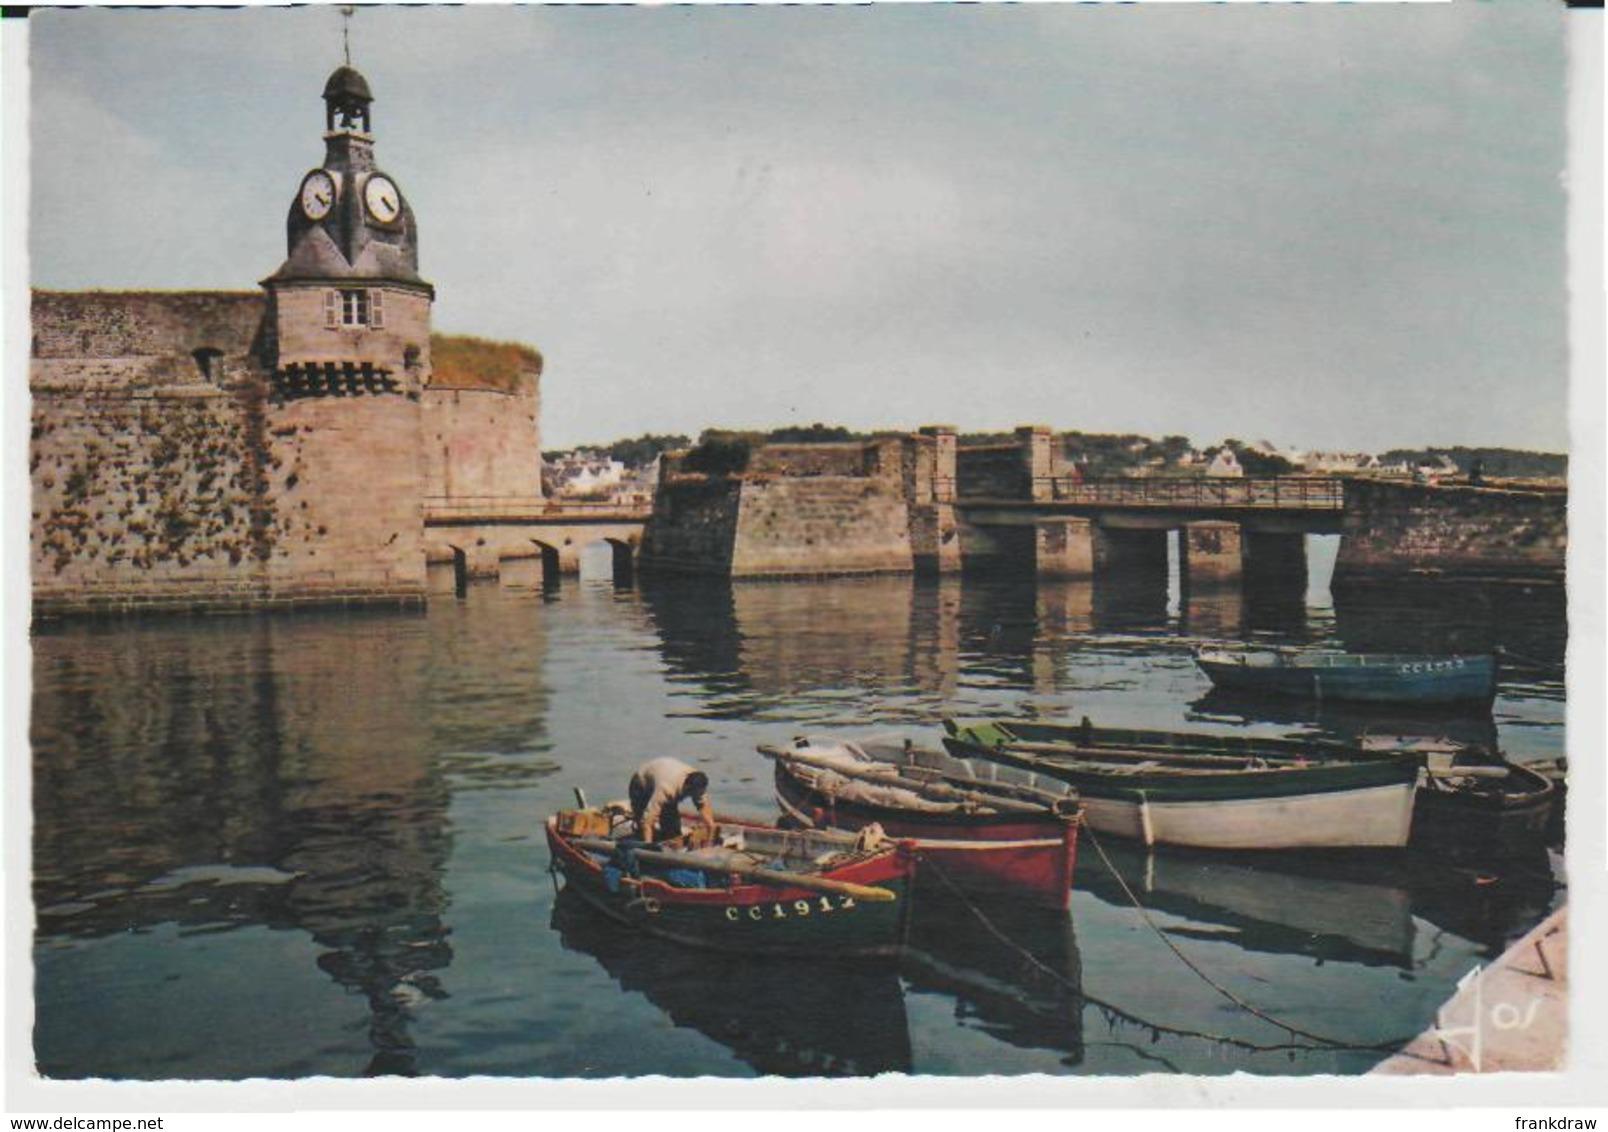 Postcard - Le Bretagne En Couleurs - Concarneau - Finistere No Card No..  - Unused Very Good - Postcards